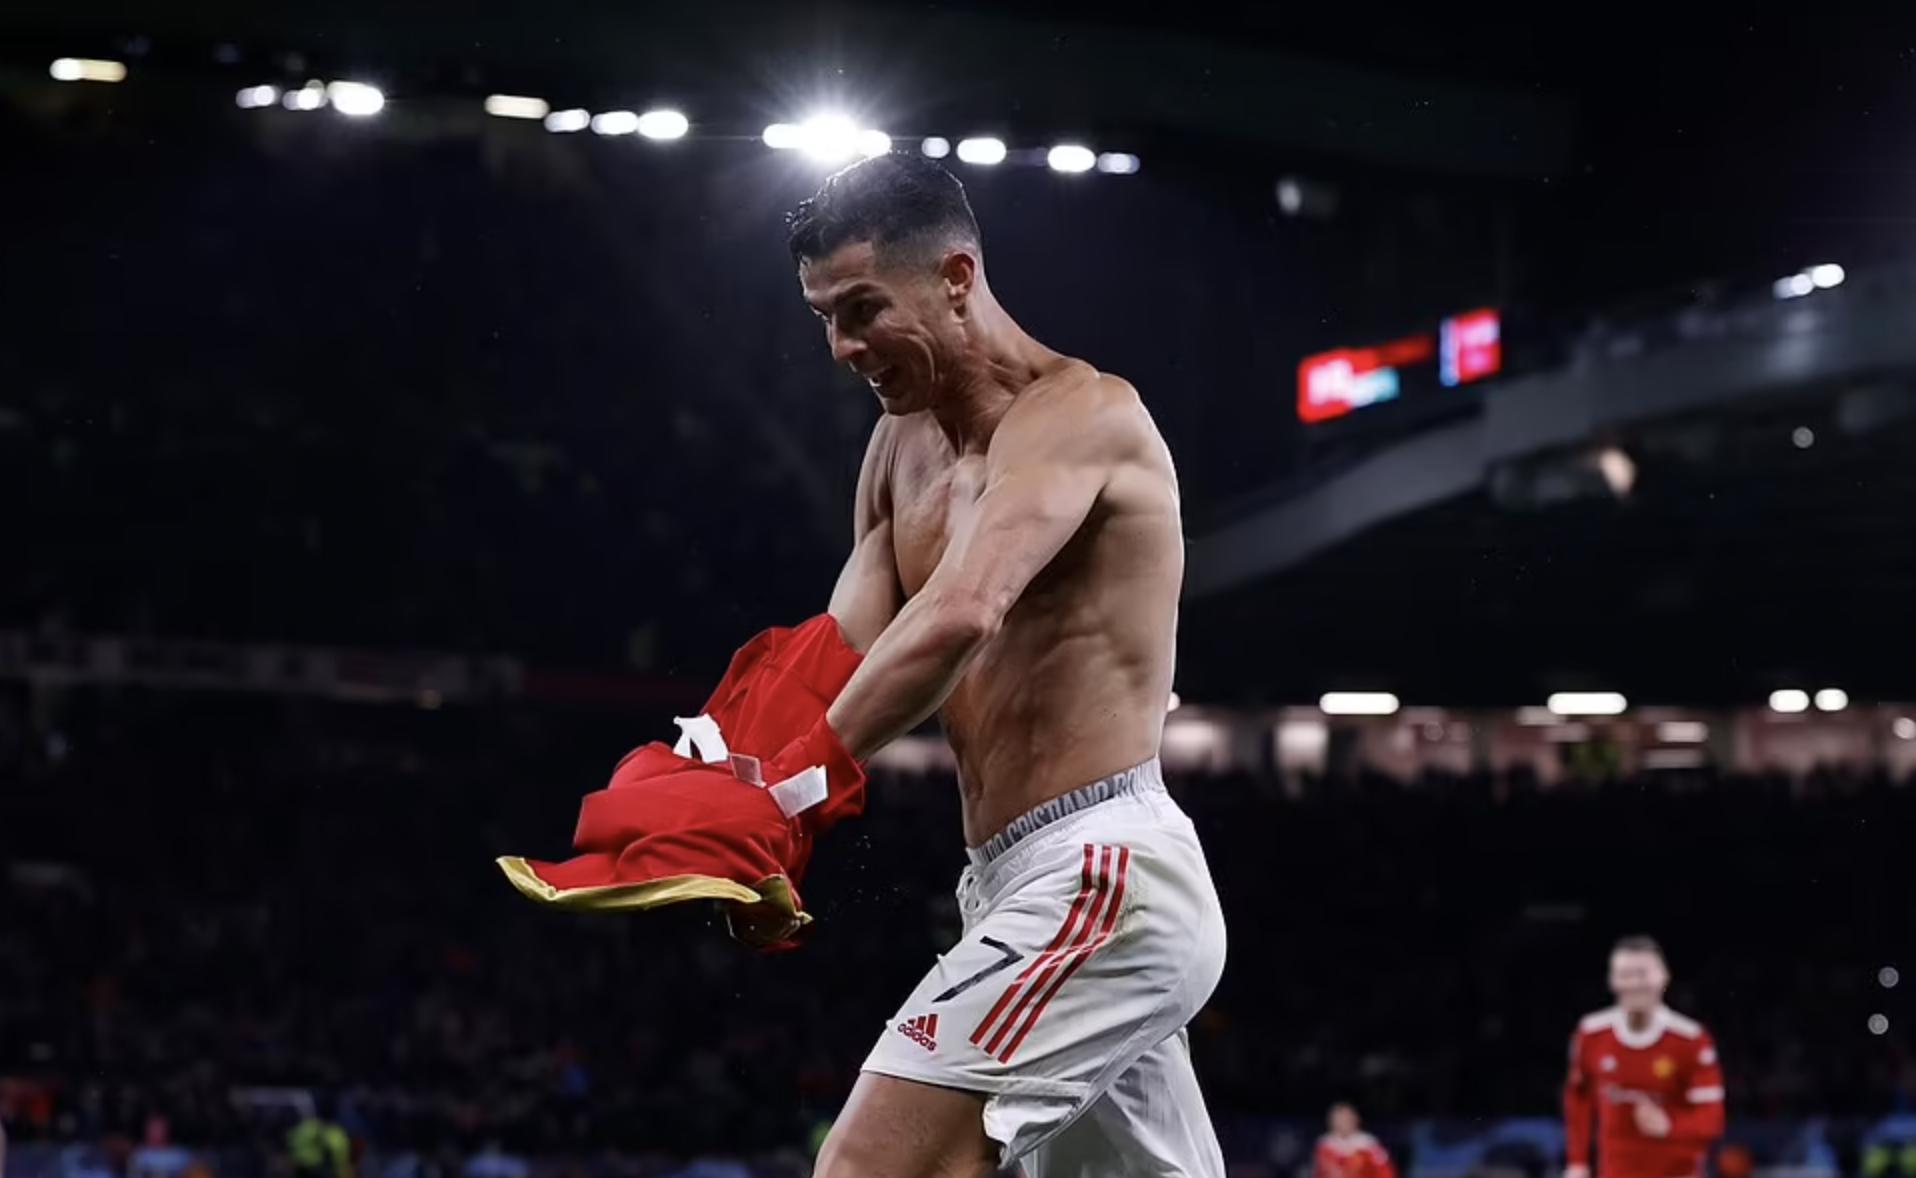 Ronaldo cởi áo mừng bàn thắng quyết định phút đá bù trước Villarreal. Mùa này anh từng làm điều tương tự khi chơi cho Bồ Đào Nha gặp Ireland.hôm 2/9. Ảnh: Reuters